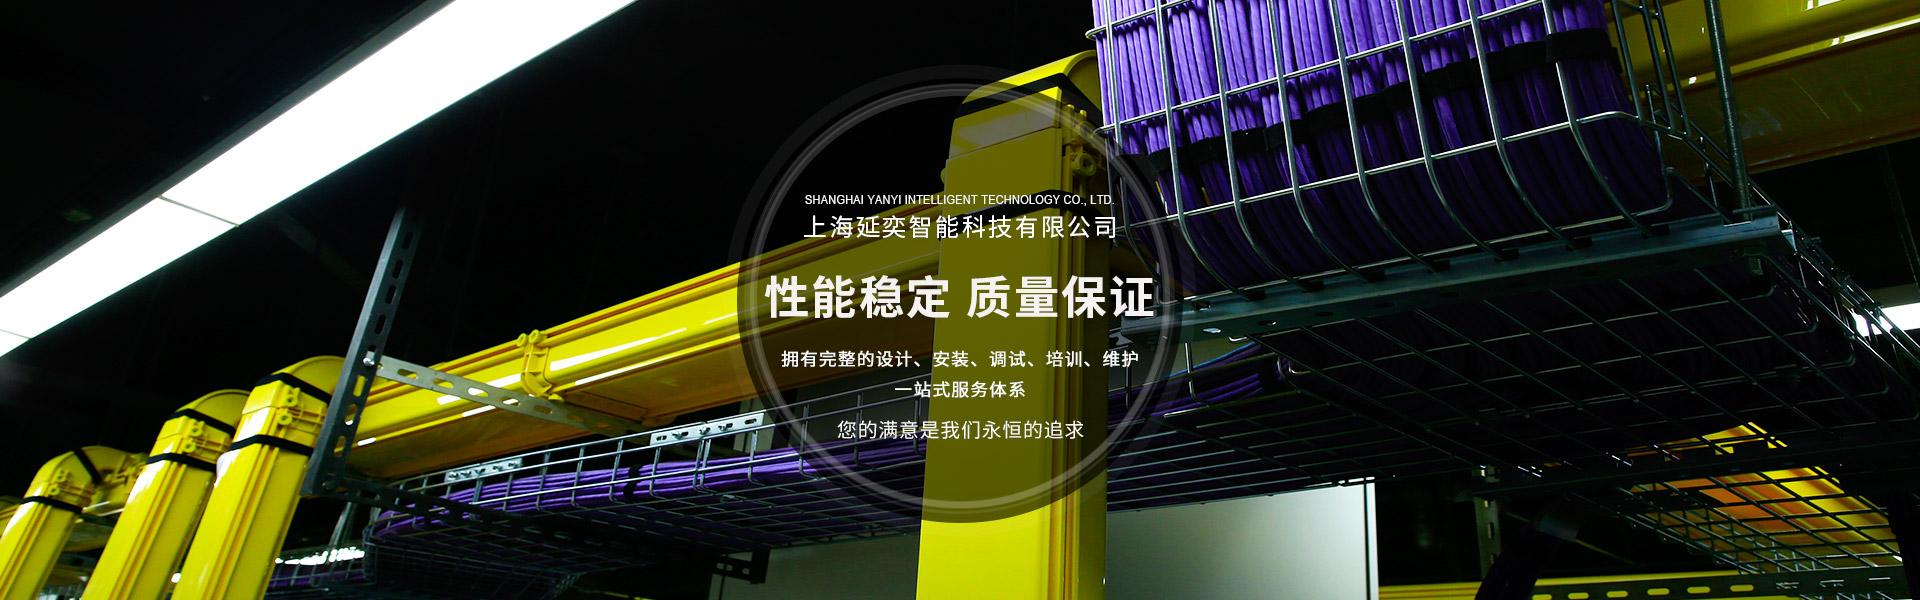 上海延奕智能科技有限公司